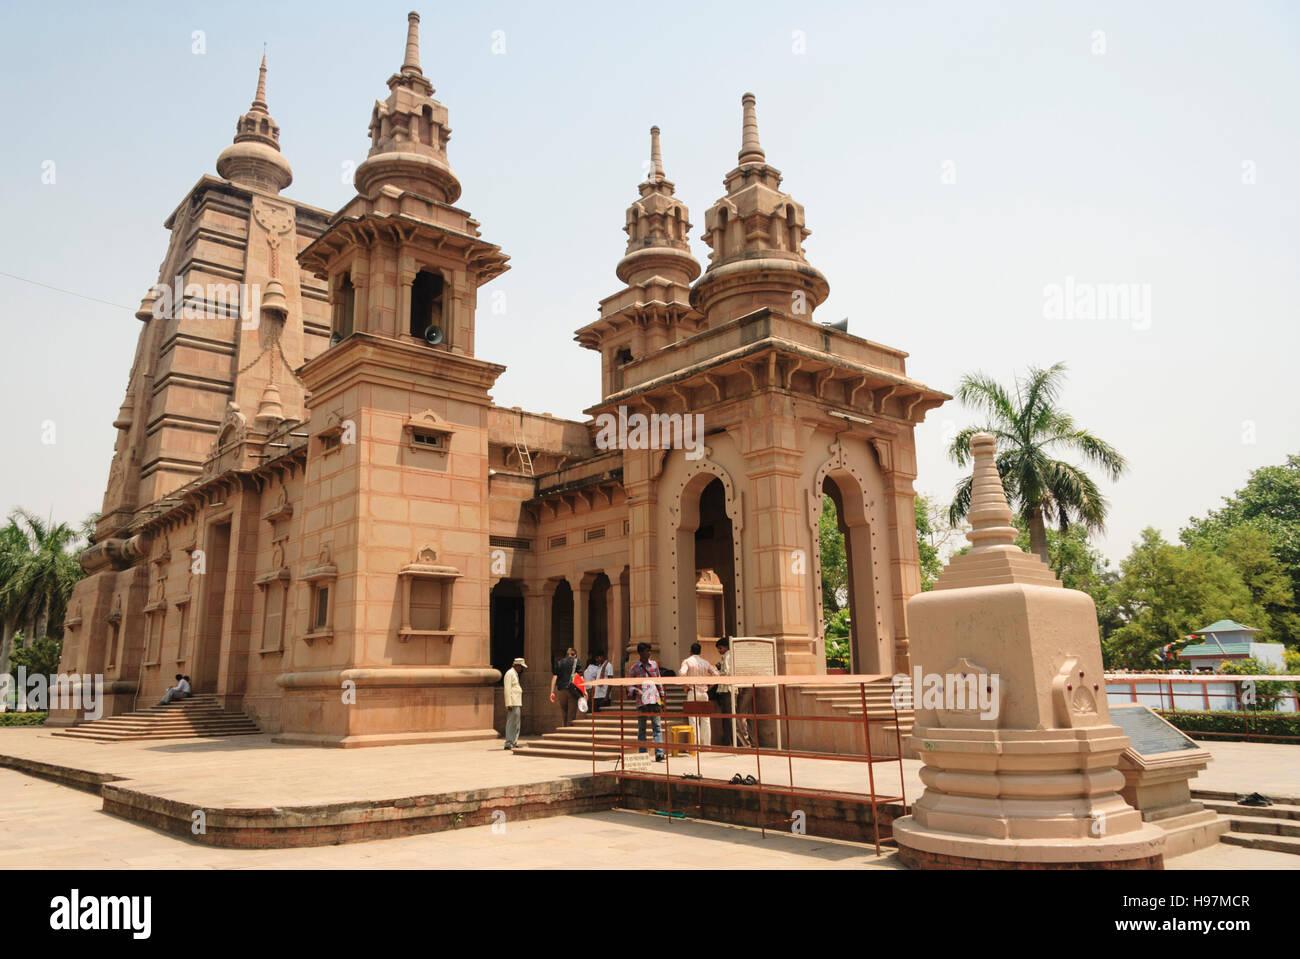 Mulagandhakuti Vihara, Sri Lankan Buddhist temple.  Sarnath, Varanasi, Uttar Pradesh, India, Asia - Stock Image